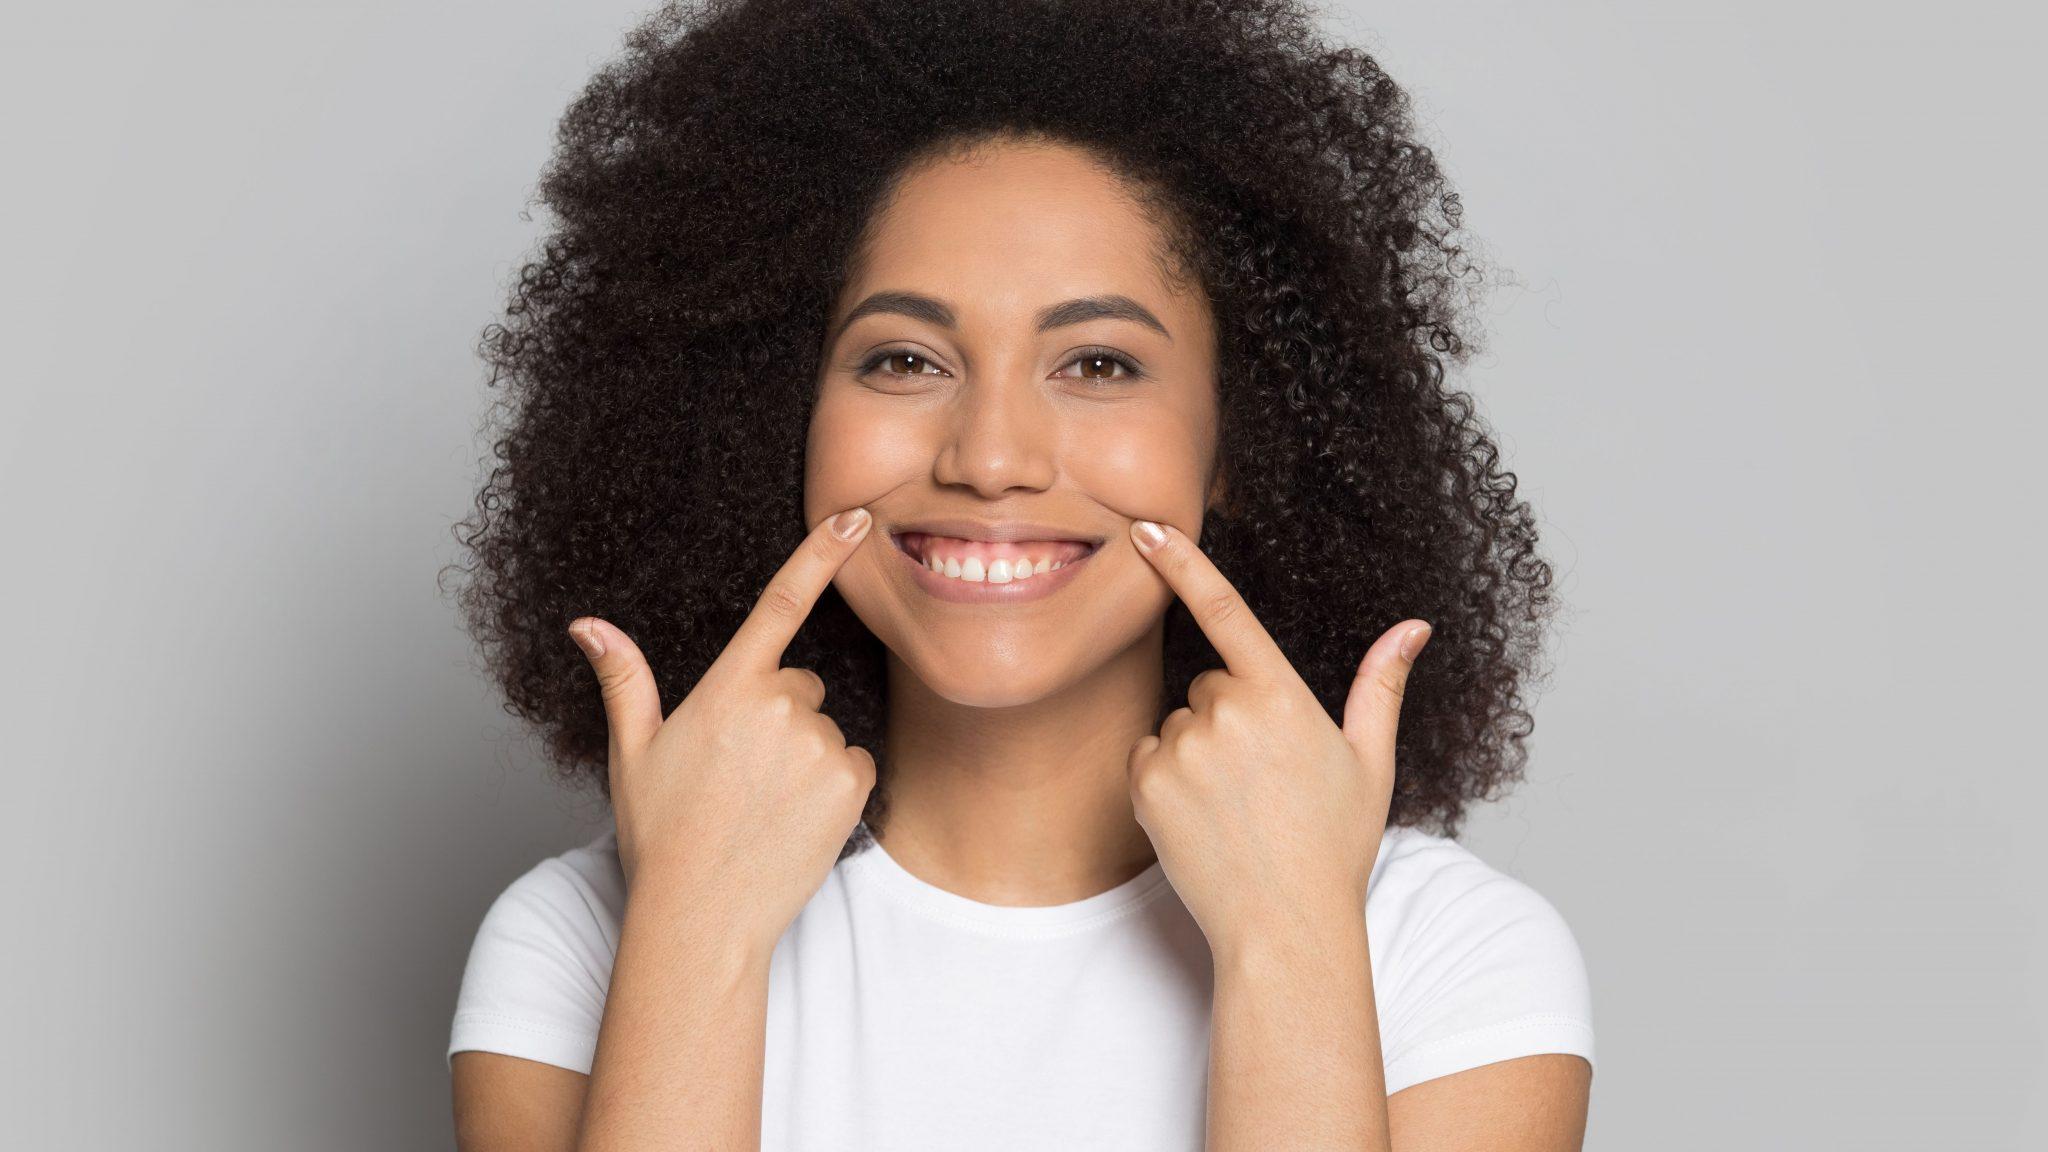 Smilingwoman3